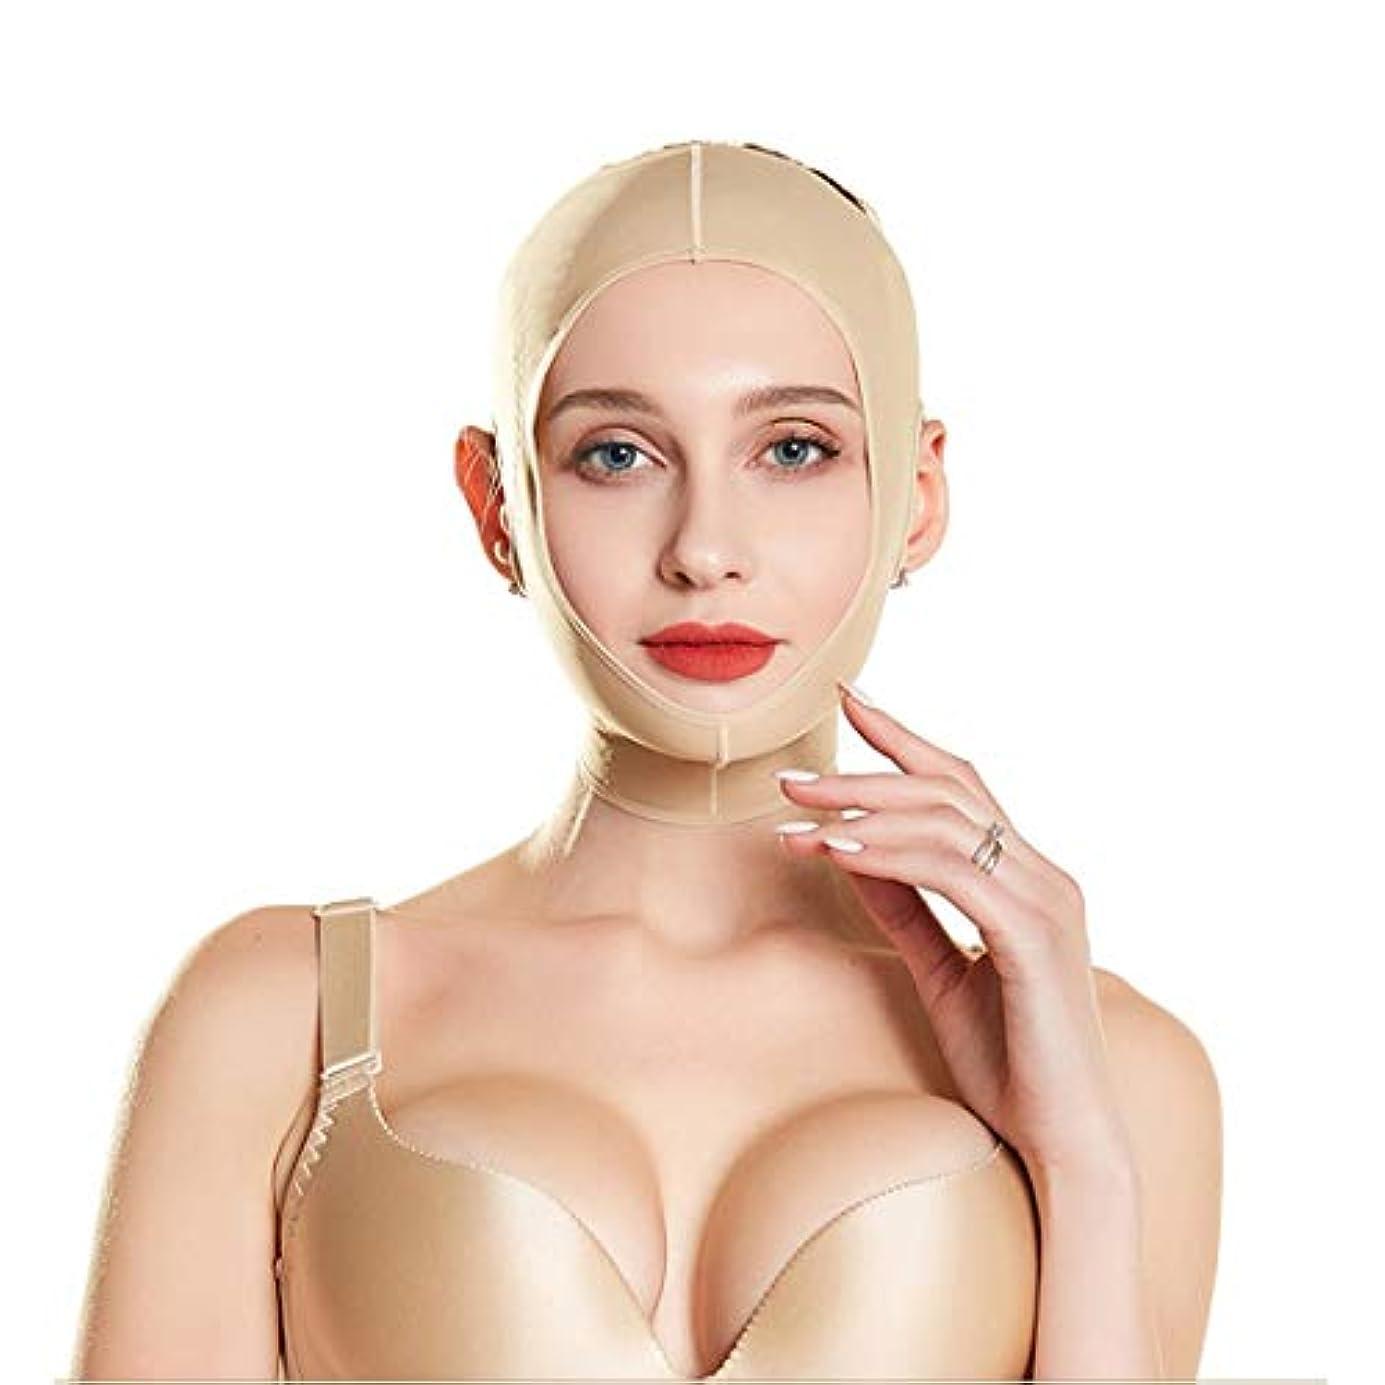 スペインすでにキャロラインZWBD フェイスマスク, フェイスリフティング包帯医療美容スキンフェイスカービングスモールVフェイスアーティファクトシェーピングリフティングフェイスカービングセットフェイスマスク美容フェードシワ (Size : M)